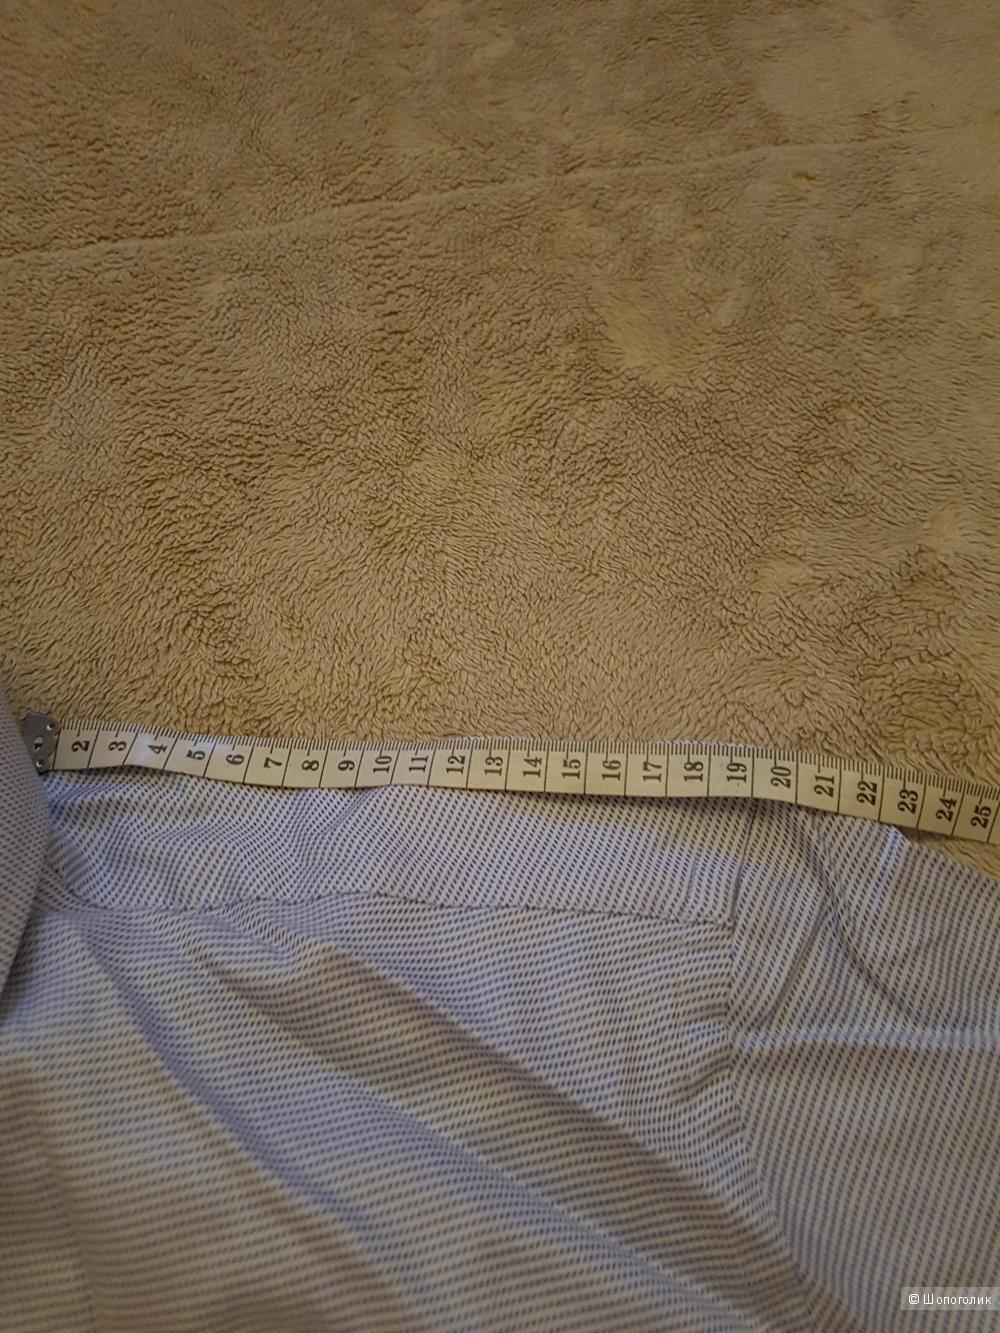 Рубашка мужская, Luca d'altieri, размер 43